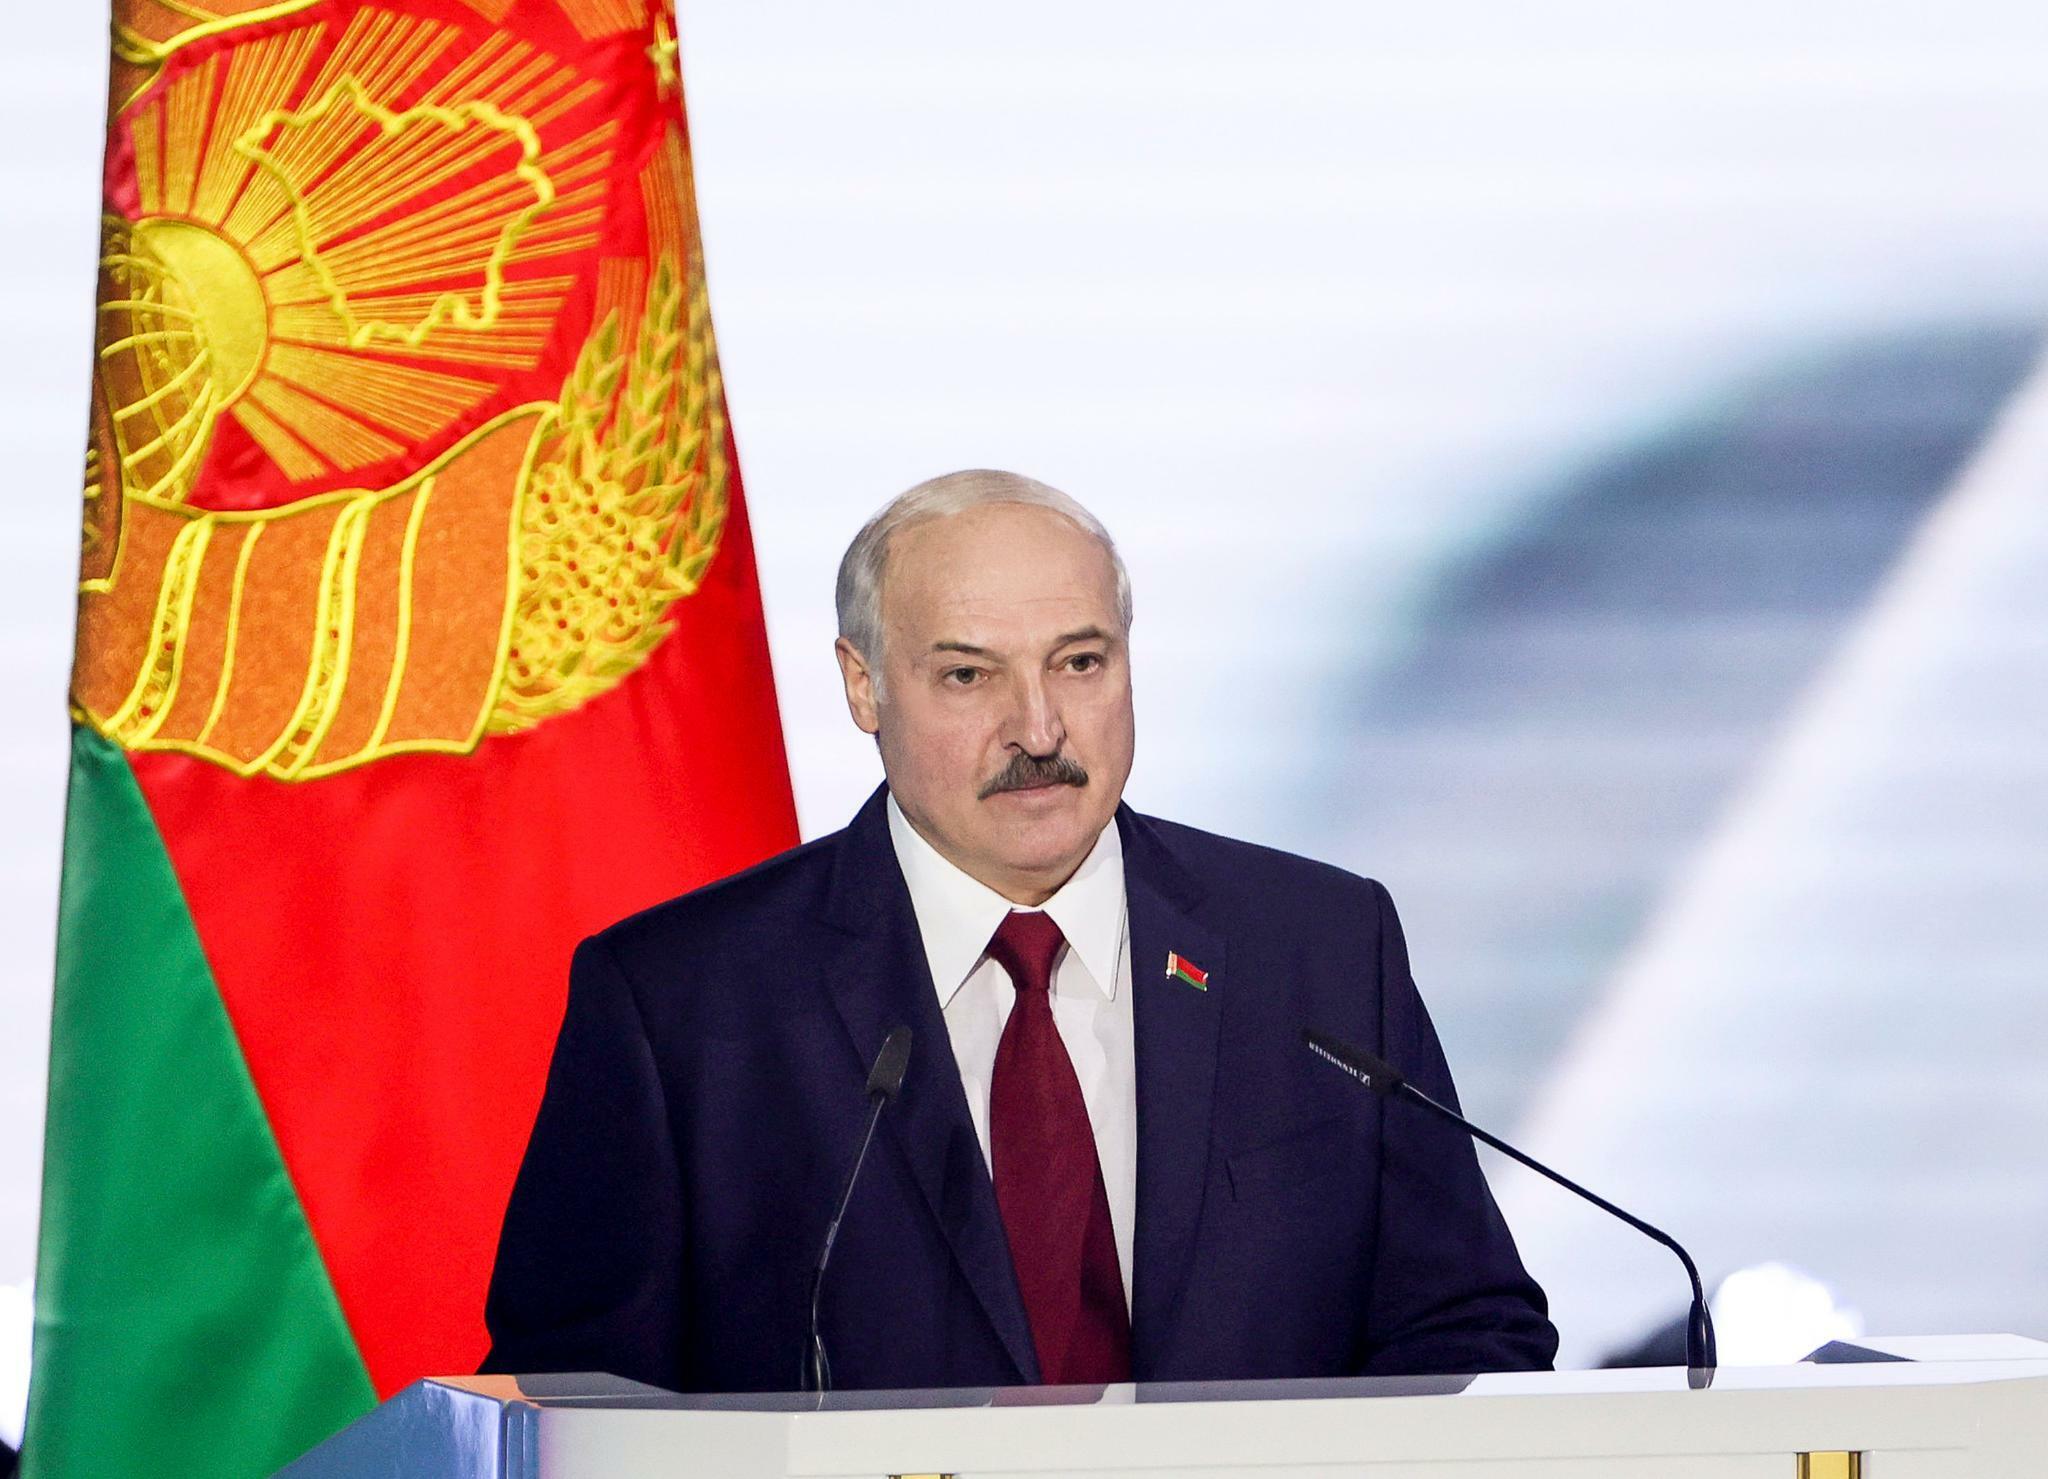 """Viterbo, Viterbo Bielorussia, """"Partito unico e dinamica autoritaria, epperò solo Rico ce po' dà 'na mano, 'na grossa mano…"""", il partito unico viterbese d'opposizione e di governo"""